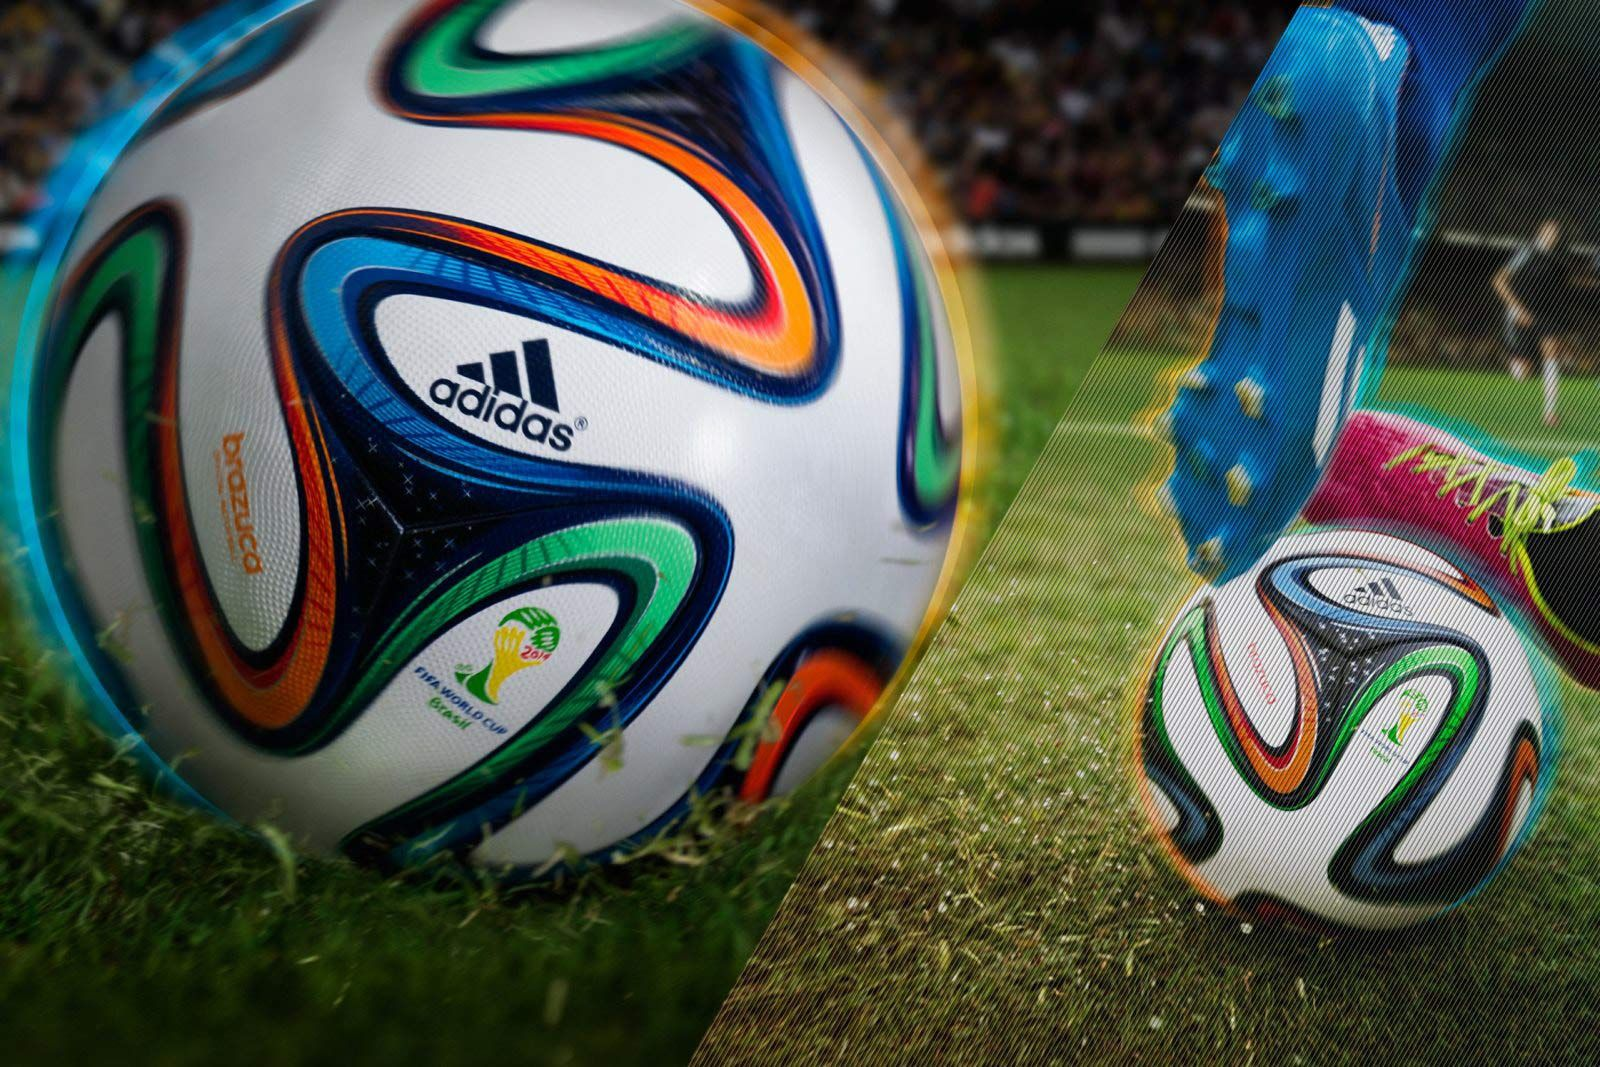 Le ballon de la prochaine coupe du monde pr sent - Resultat foot eliminatoire coupe du monde ...